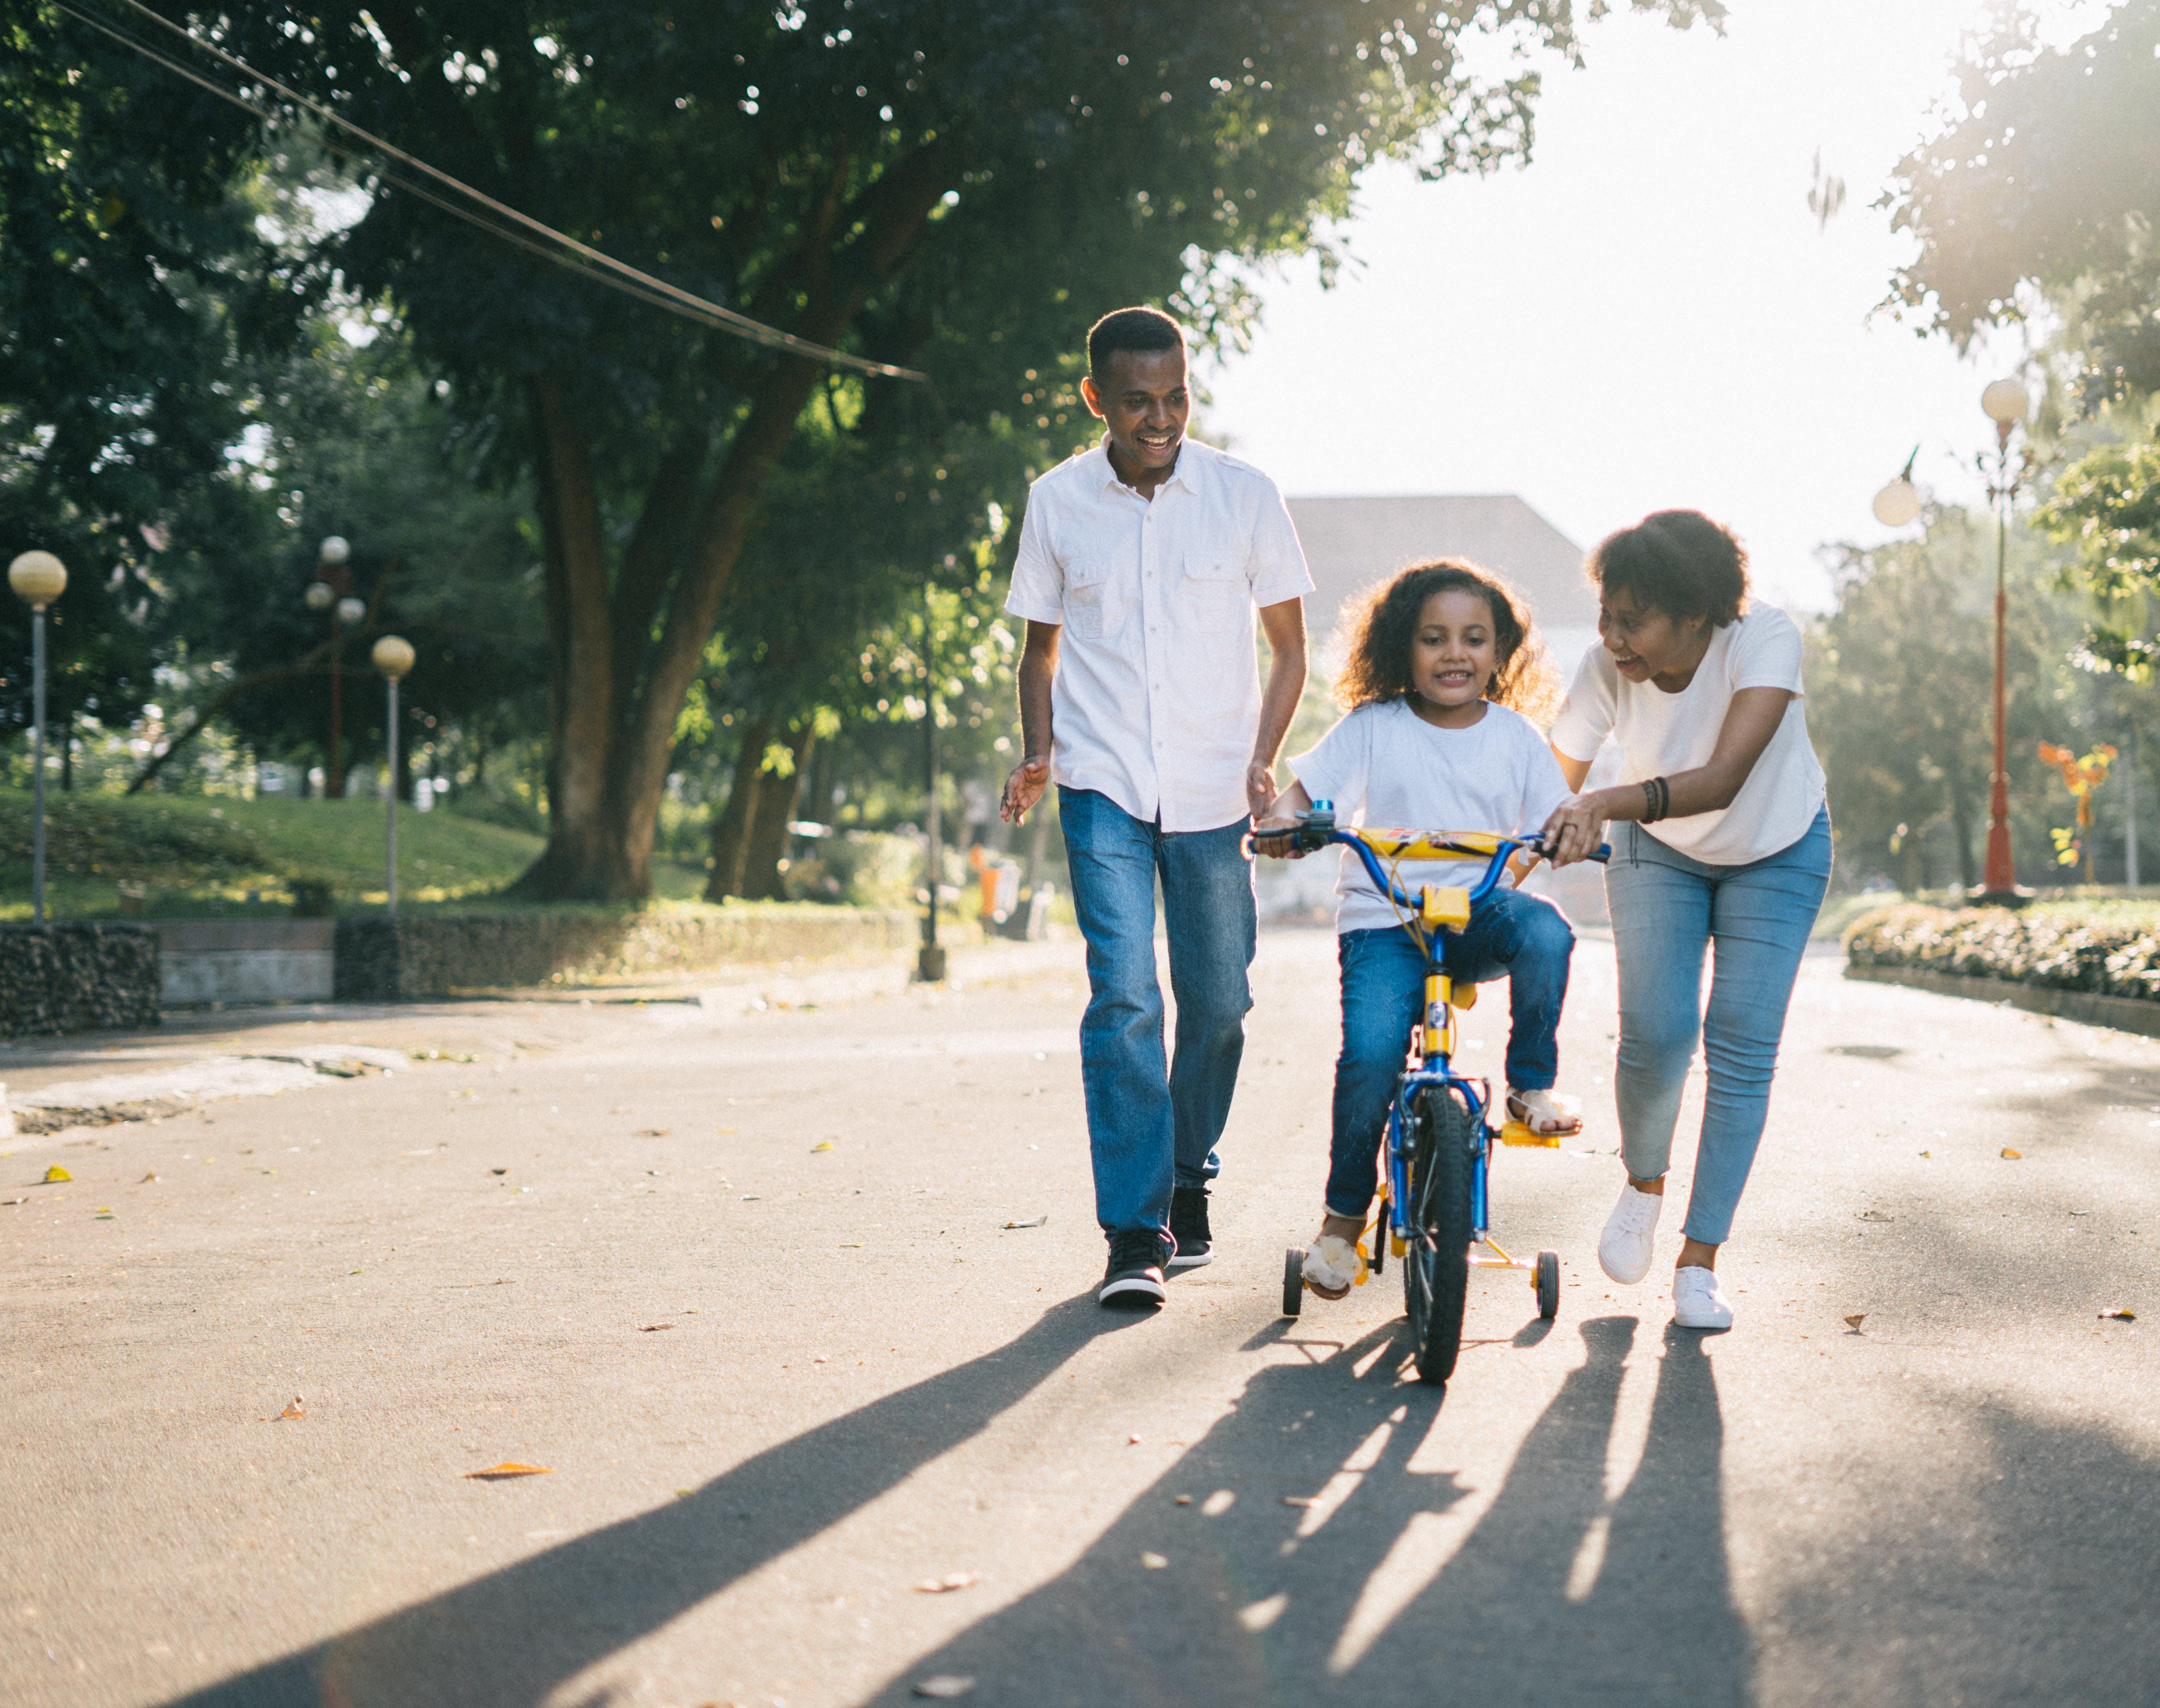 Immagine gratuita di amore, bambino, ciclista, coppia